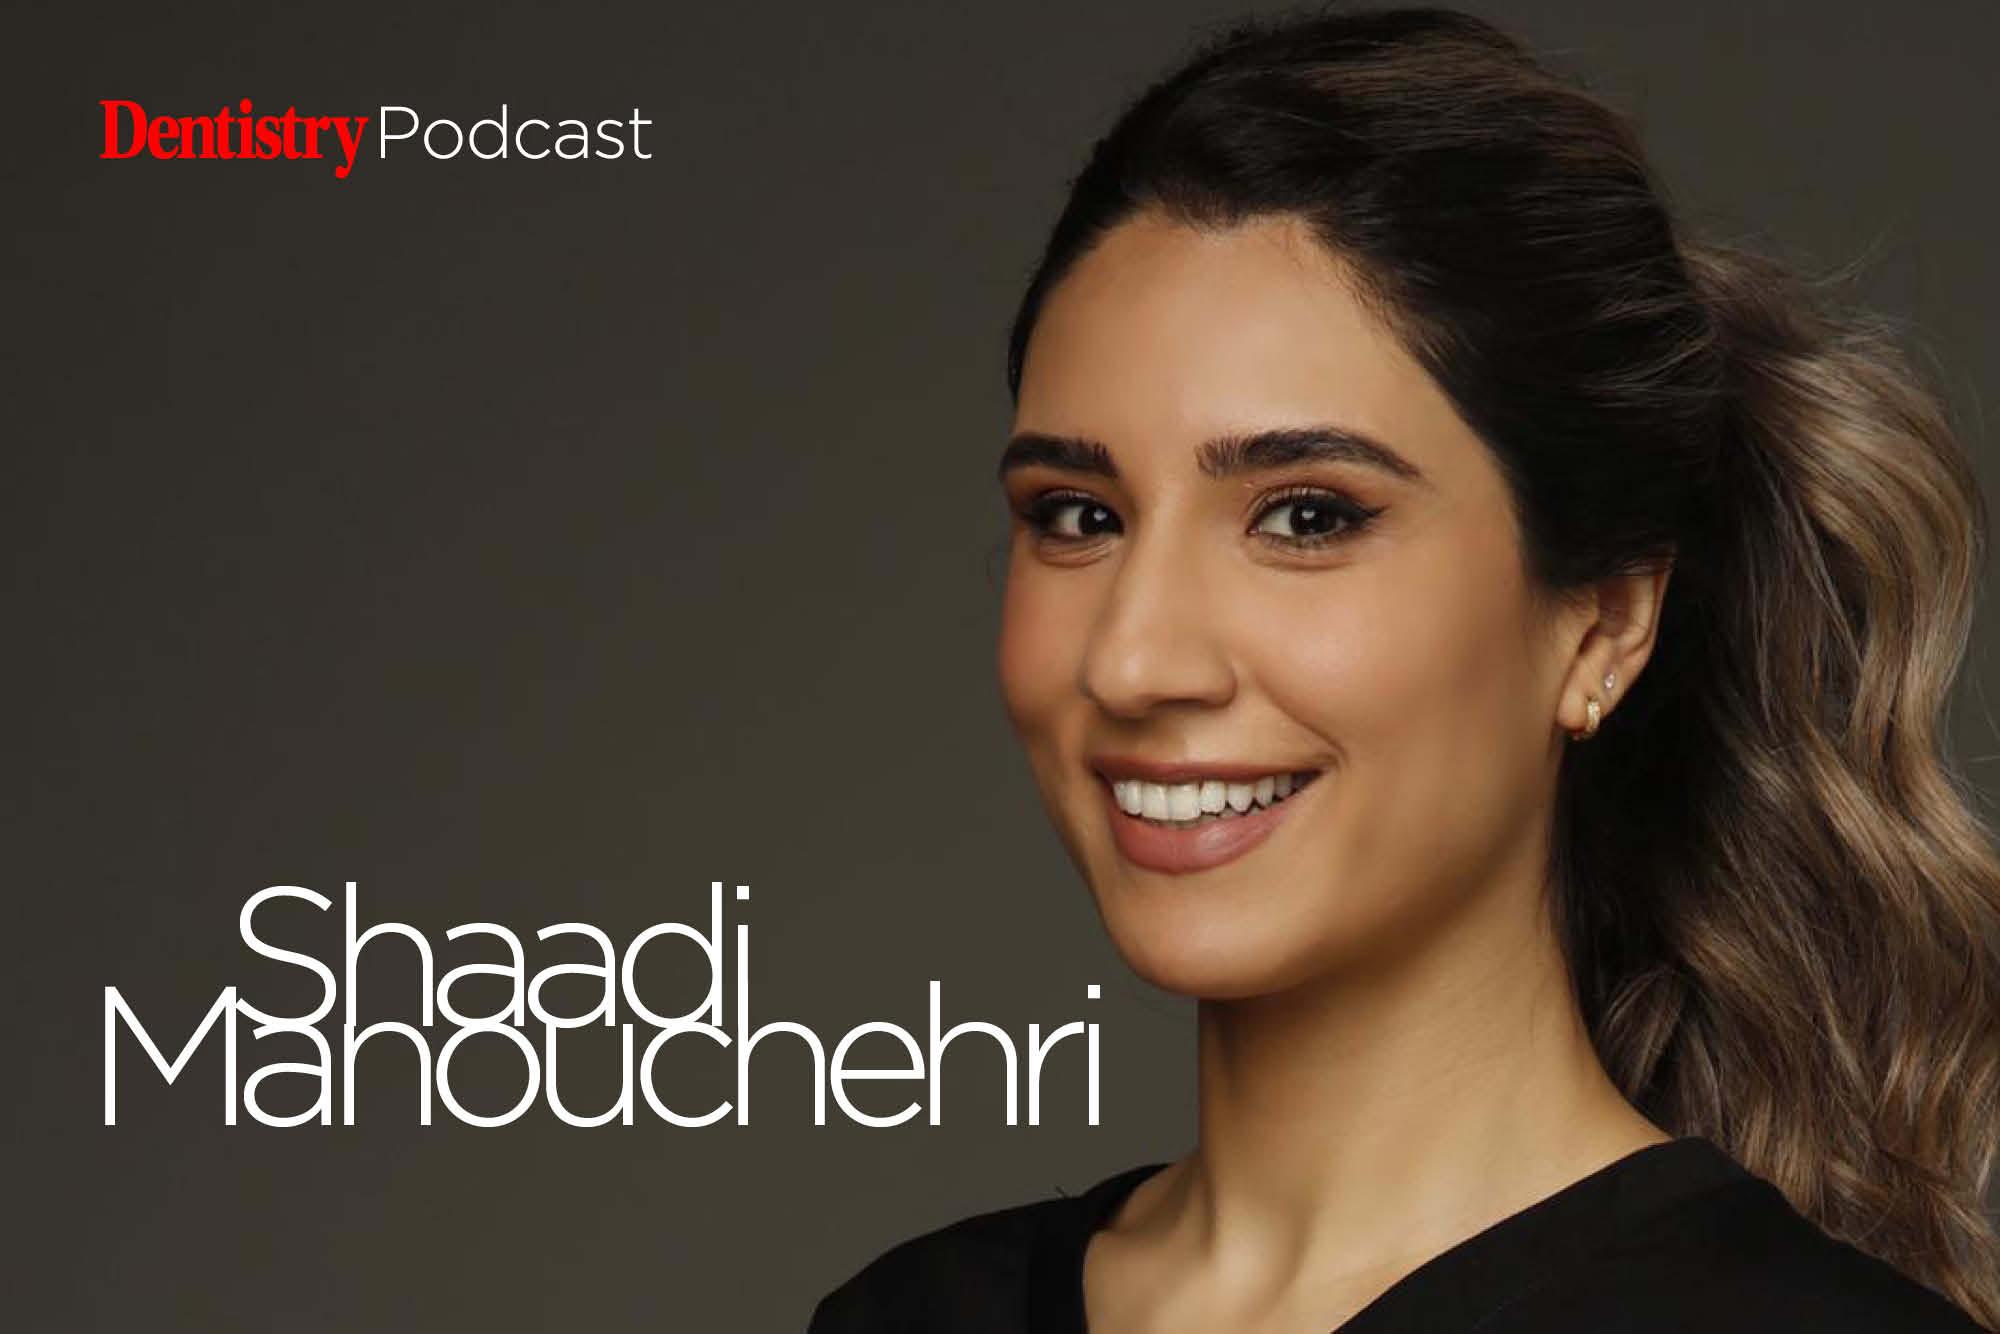 Dr Shaadi Manouchehri